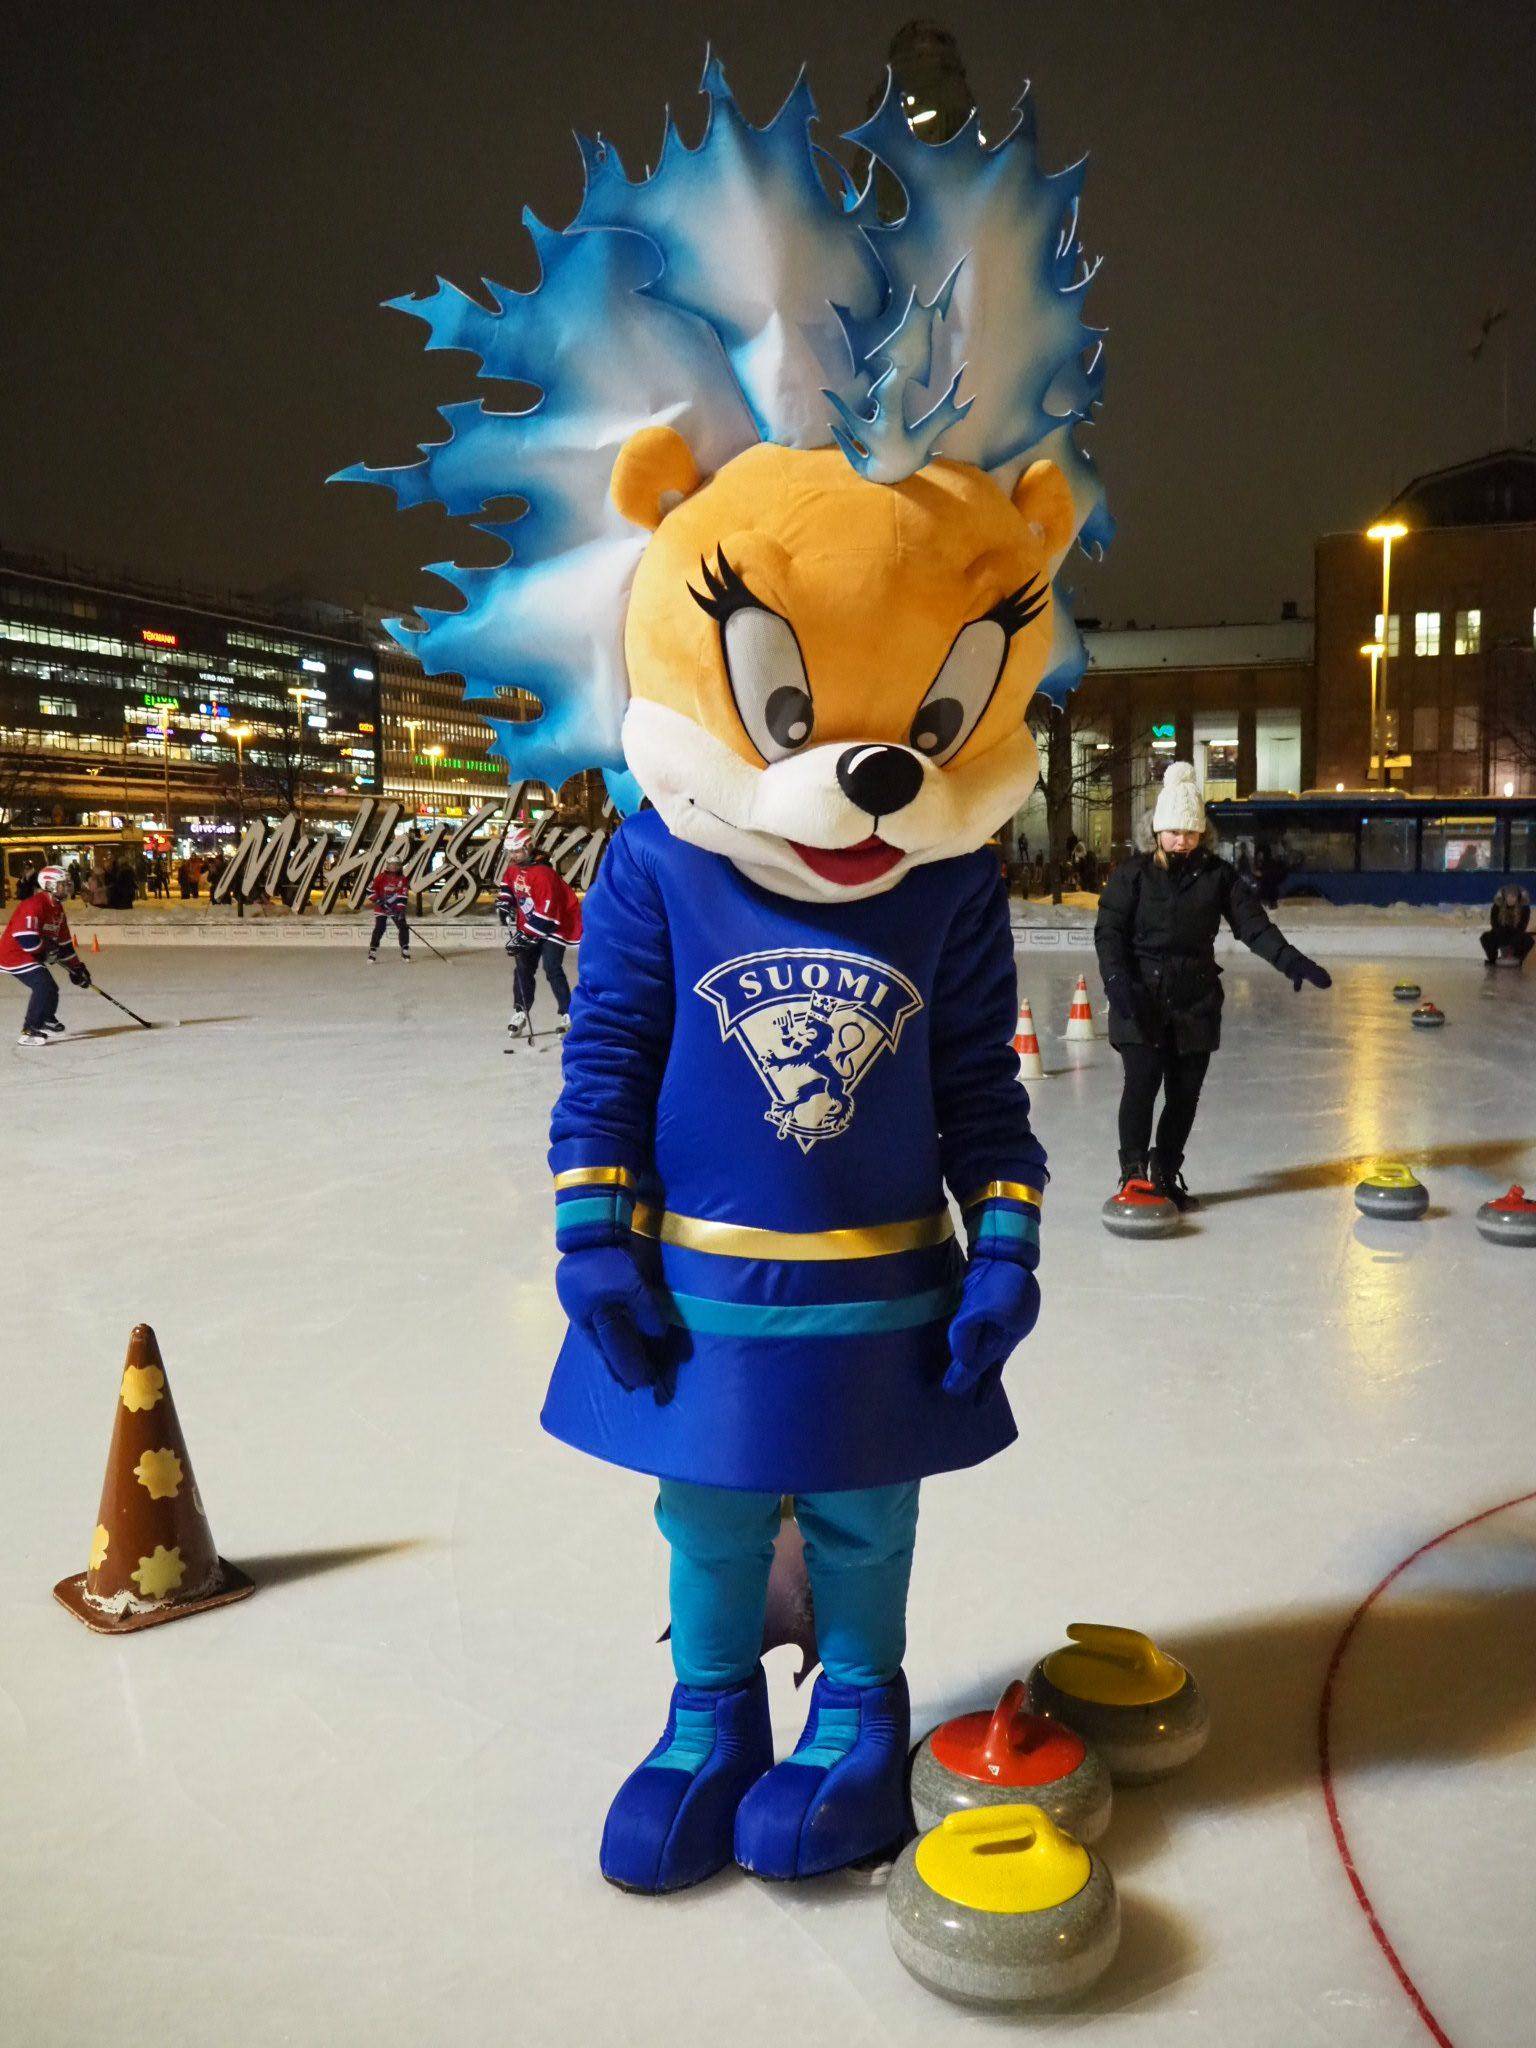 Suomen Jääkiekkoliiton Pinky-maskotti oli valvomassa tapahtumaa ja HIFK-naisjoukkueen demopelejä.